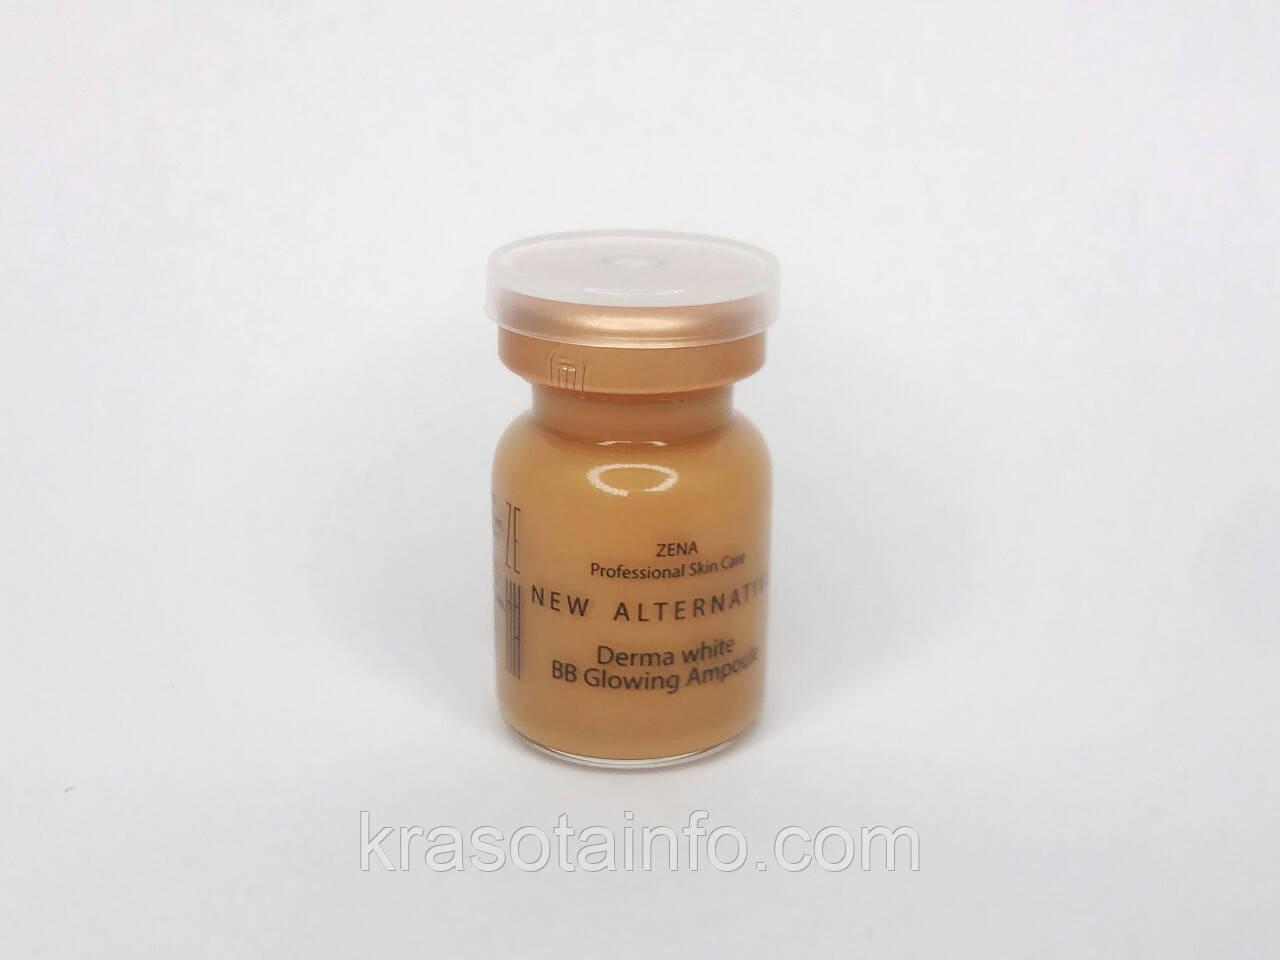 BB glow Zena № 25 treatment ББ мезо для процедуры биби глоу BB meso white skin, Zena, 5 мл